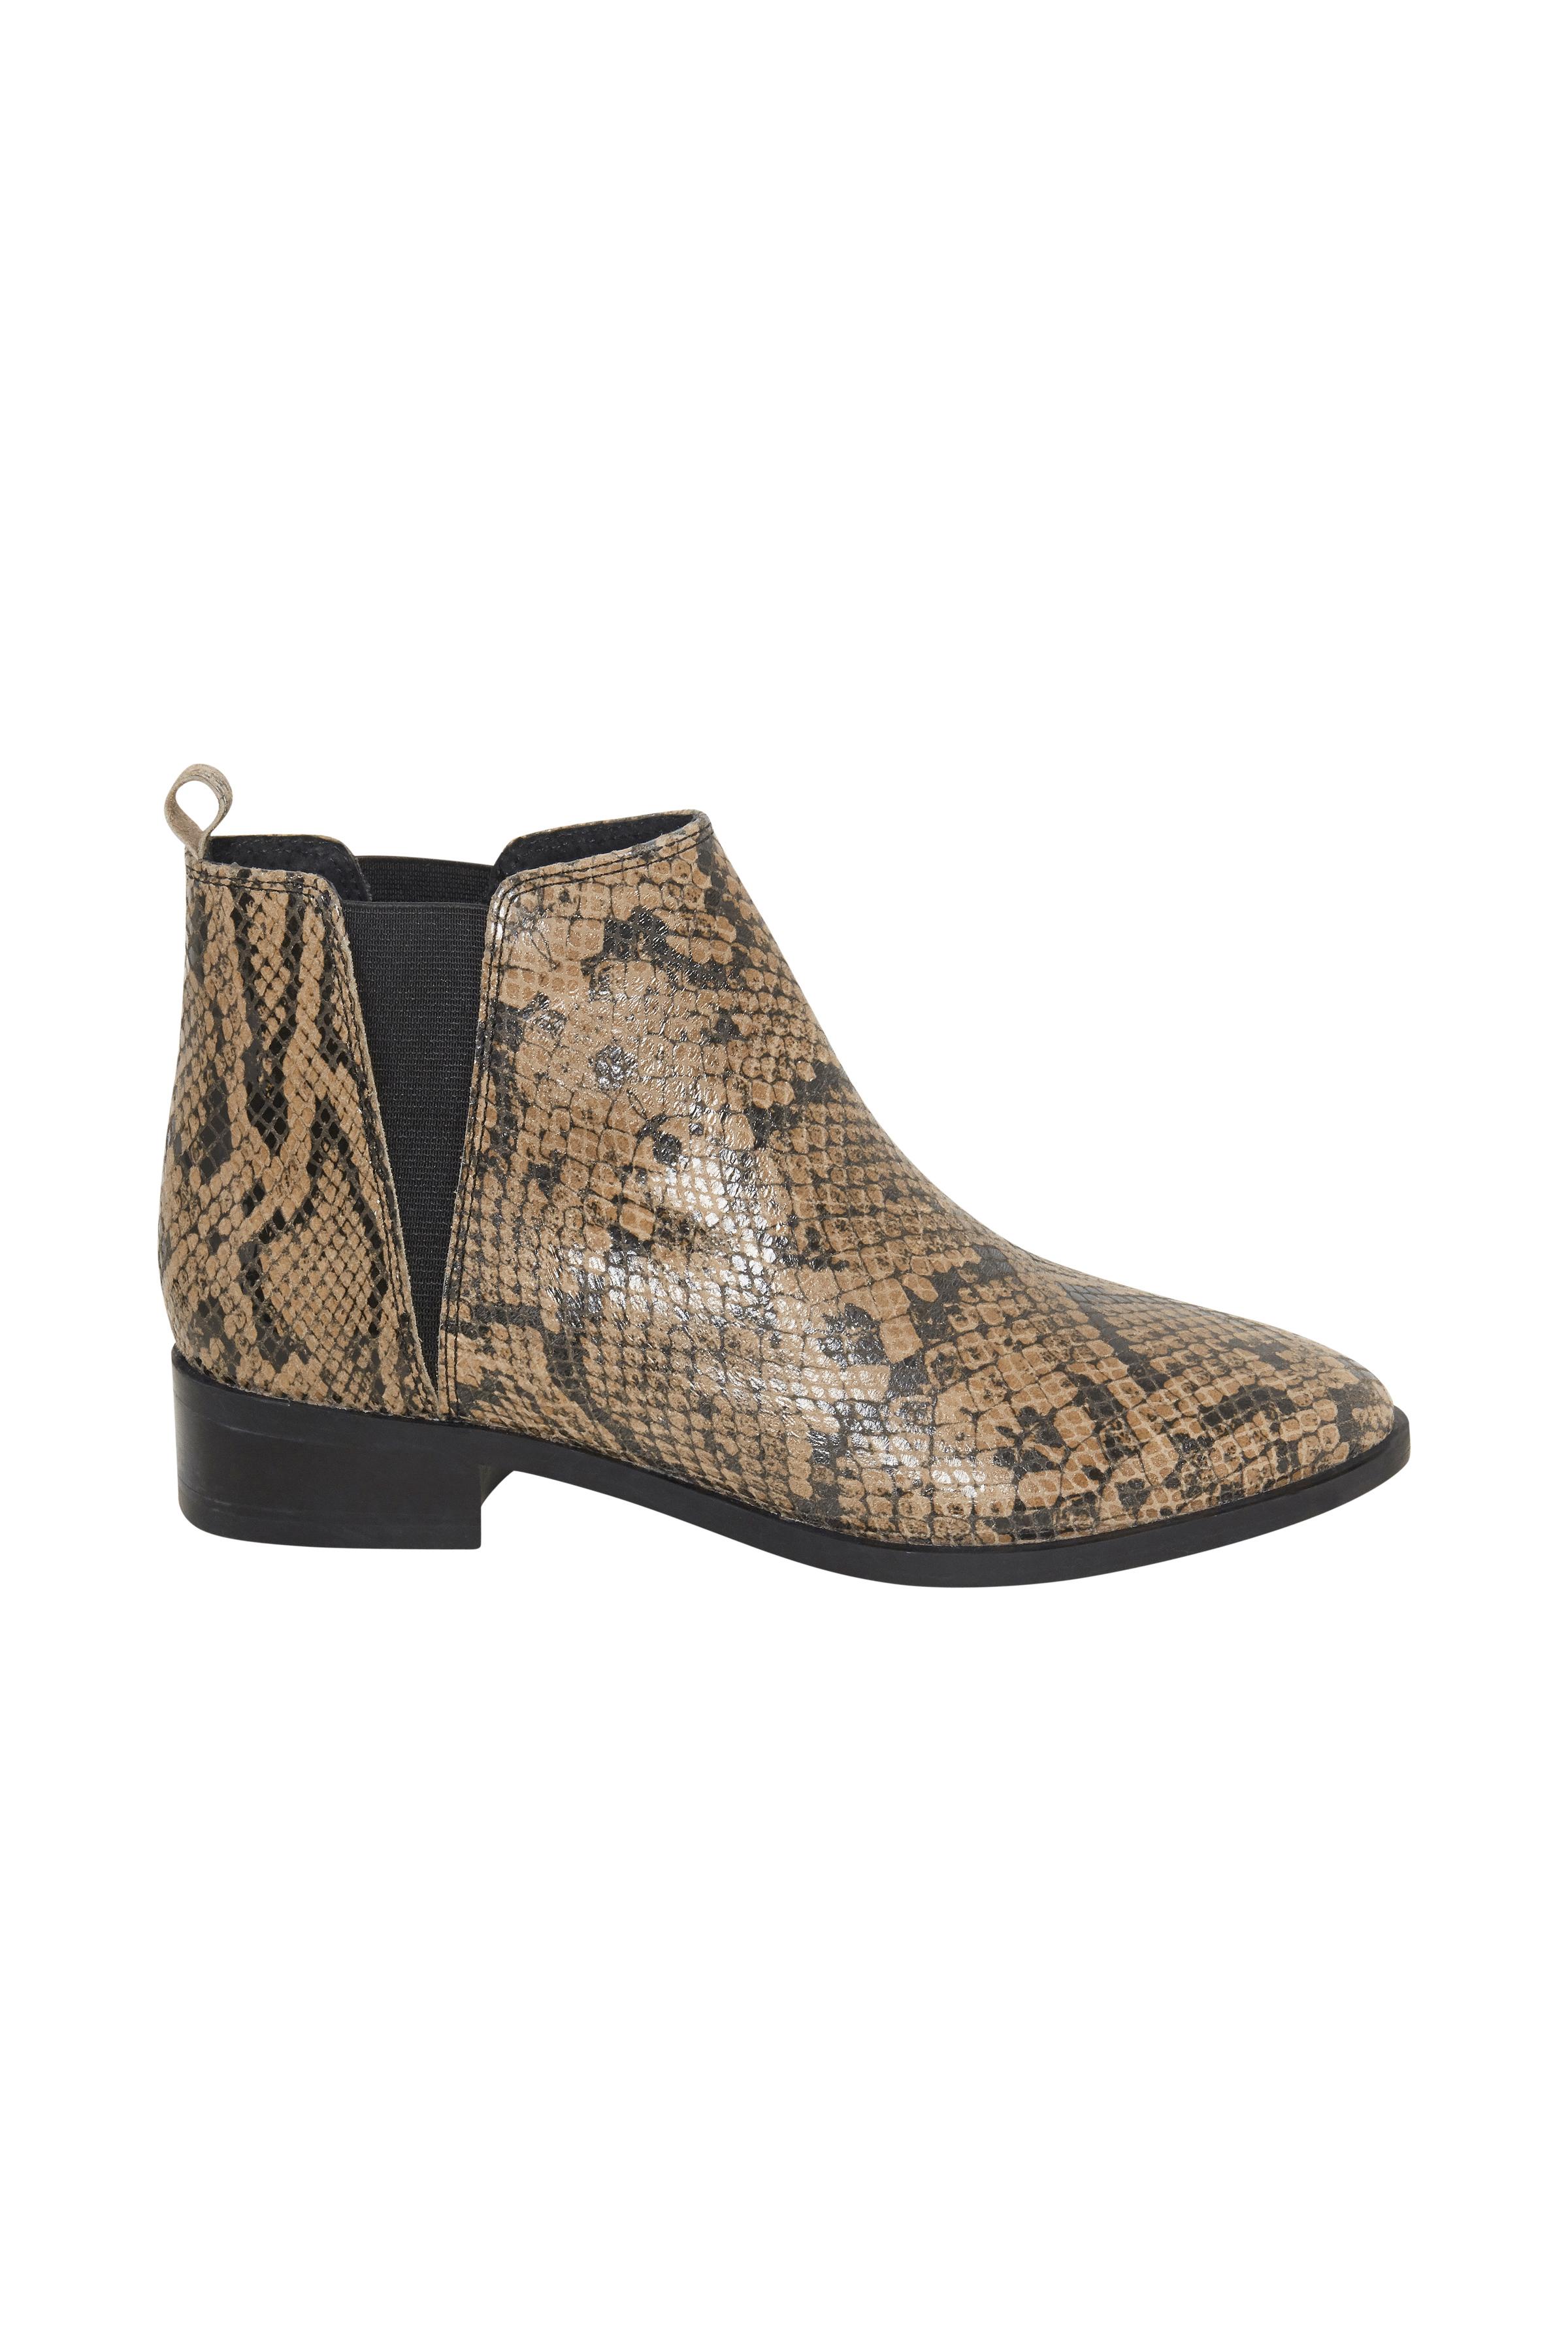 Ljusbrun/brun Skor från Ichi - accessories – Köp Ljusbrun/brun Skor från stl. 36-41 här